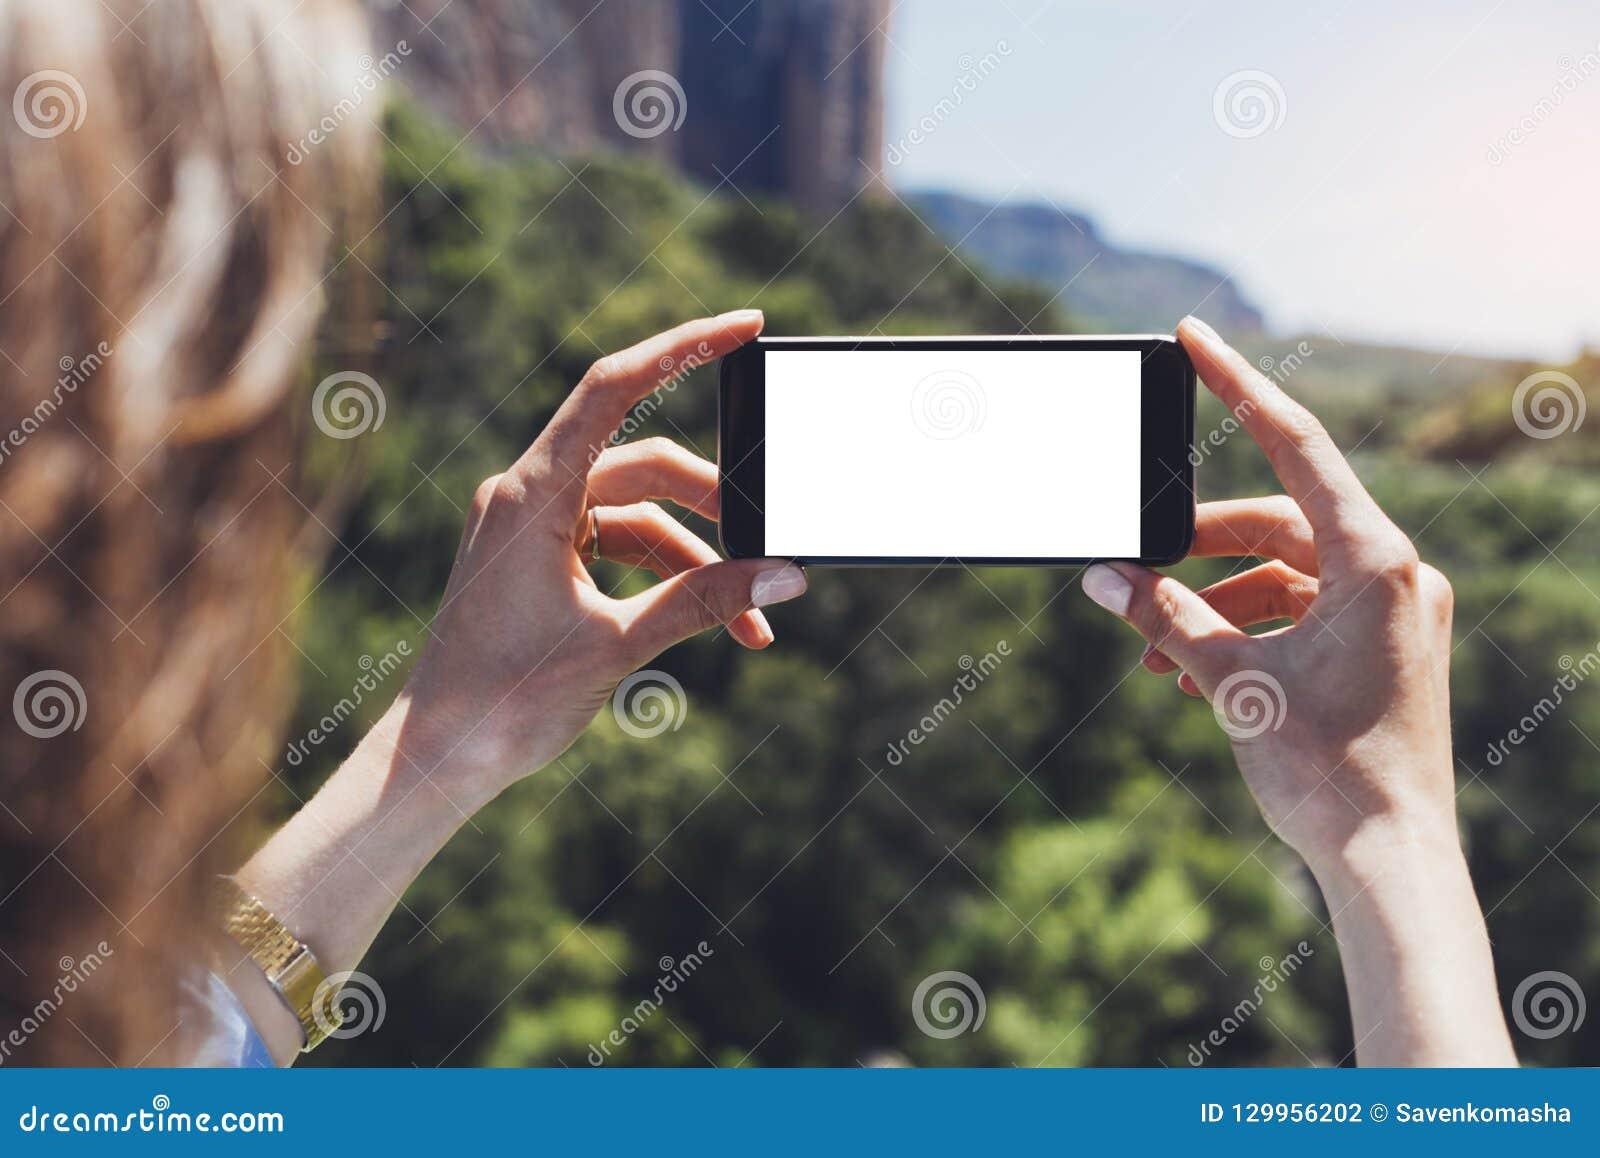 Hippie Bloggermädchen hält Handy in den weiblichen Händen, machen Fotophoto von Naturlandschaft auf einer sonnigen Sommertagesrei